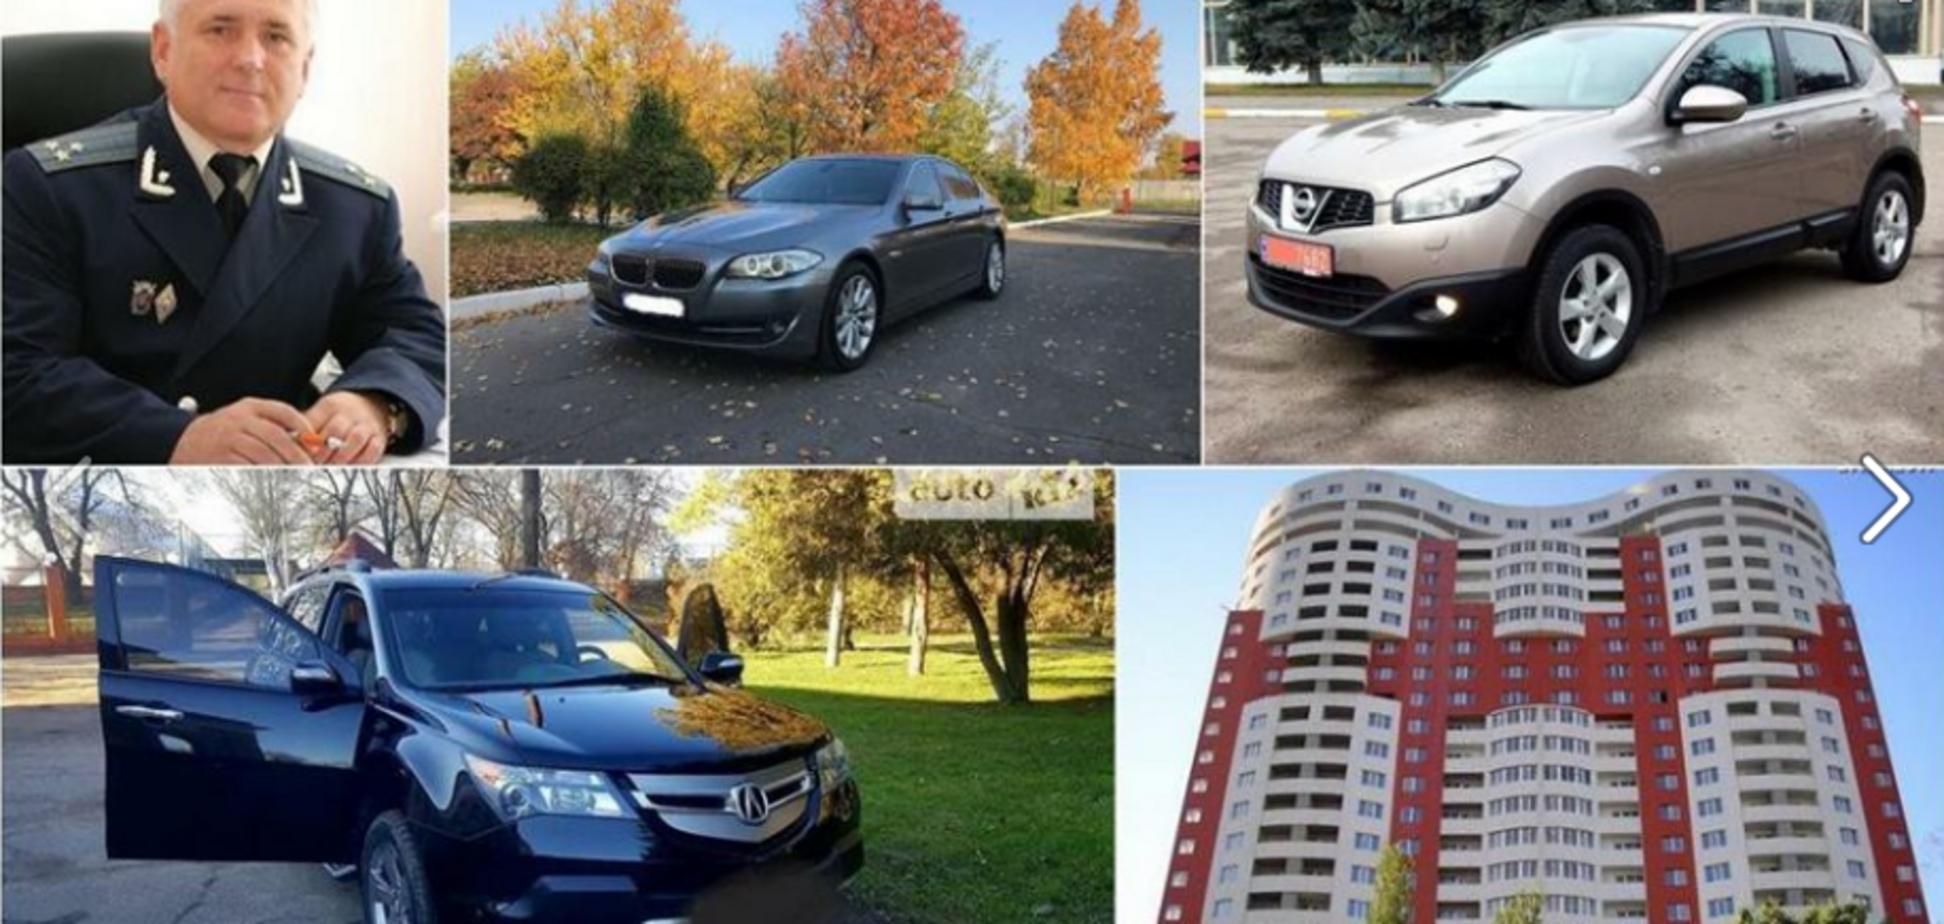 Скромный доход: прокурор ГПУ резко оброс ценными квартирами и авто. Фото